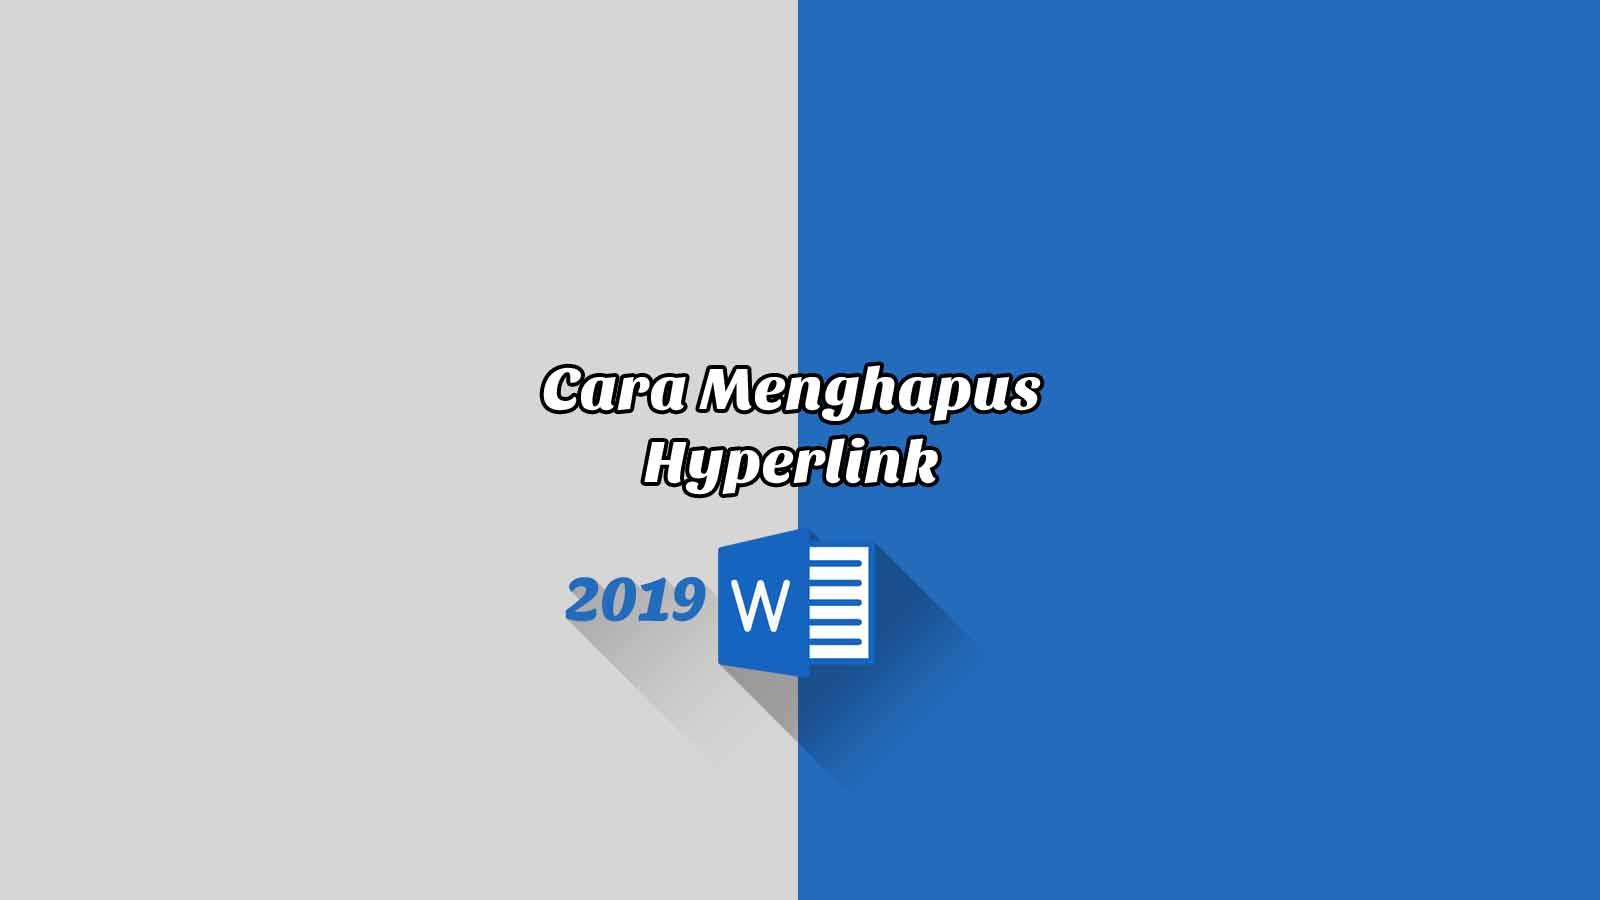 Cara Menghapus Hyperlink - Word 2019